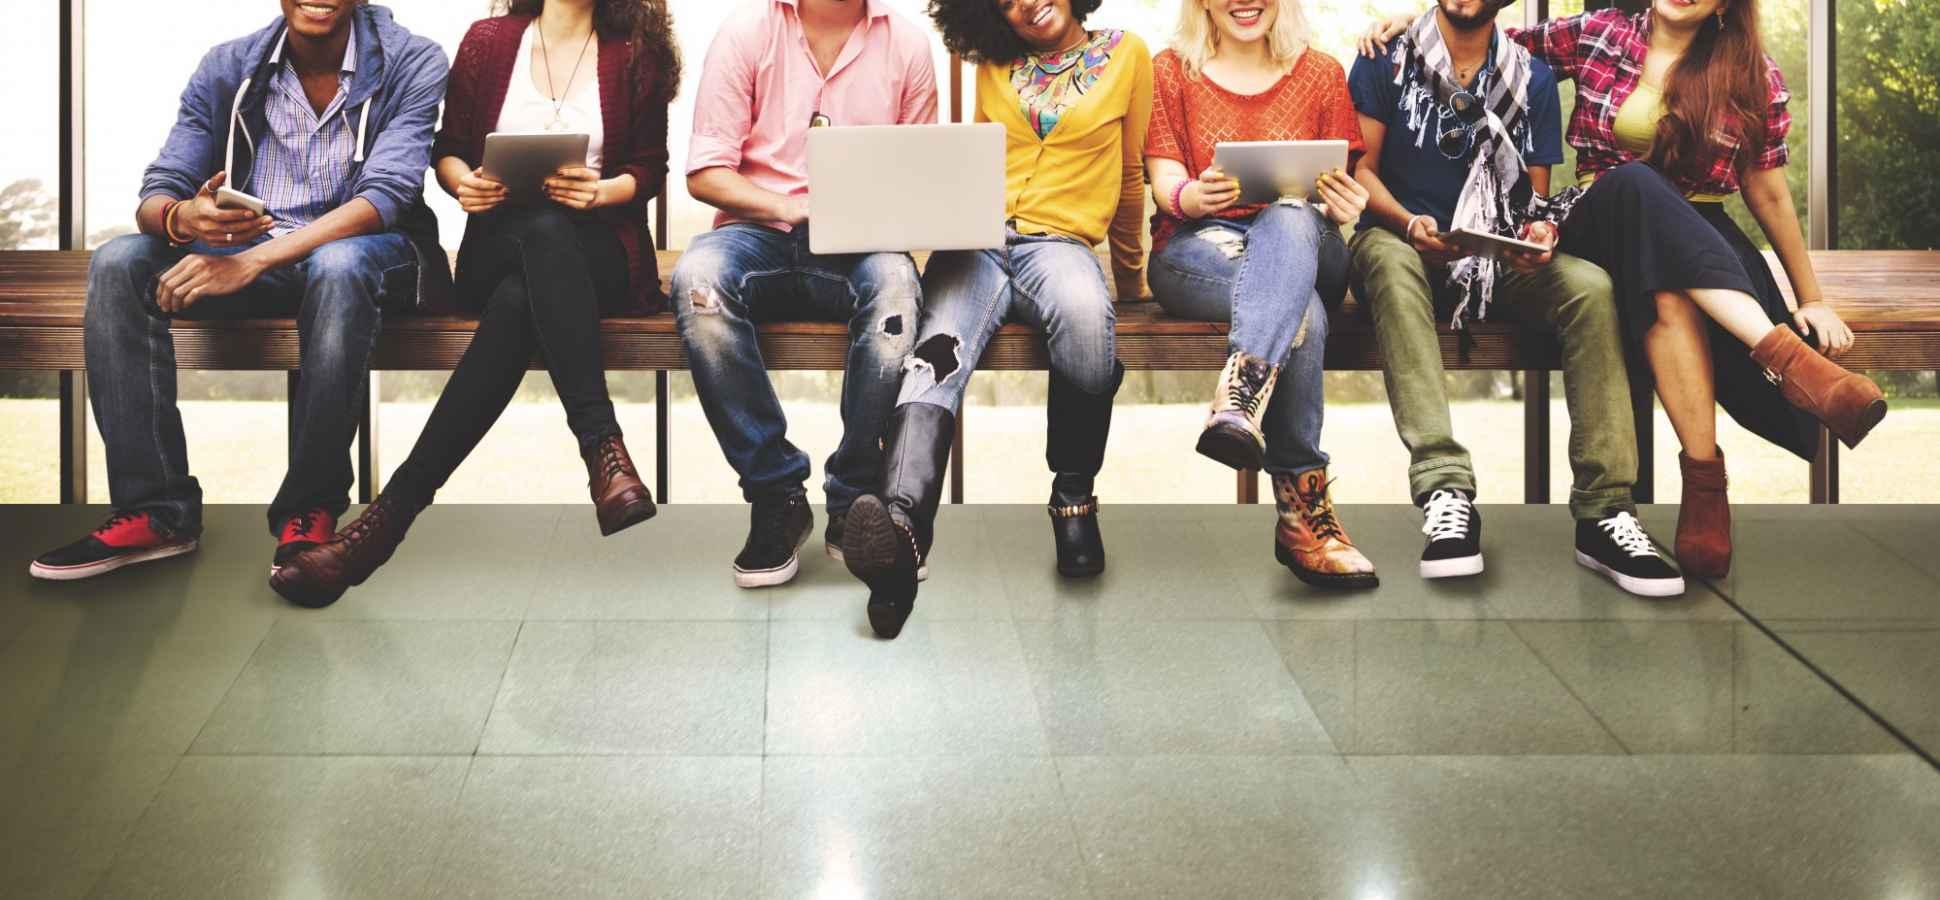 Forget Millennials. Gen Xers Need Leadership Development Too